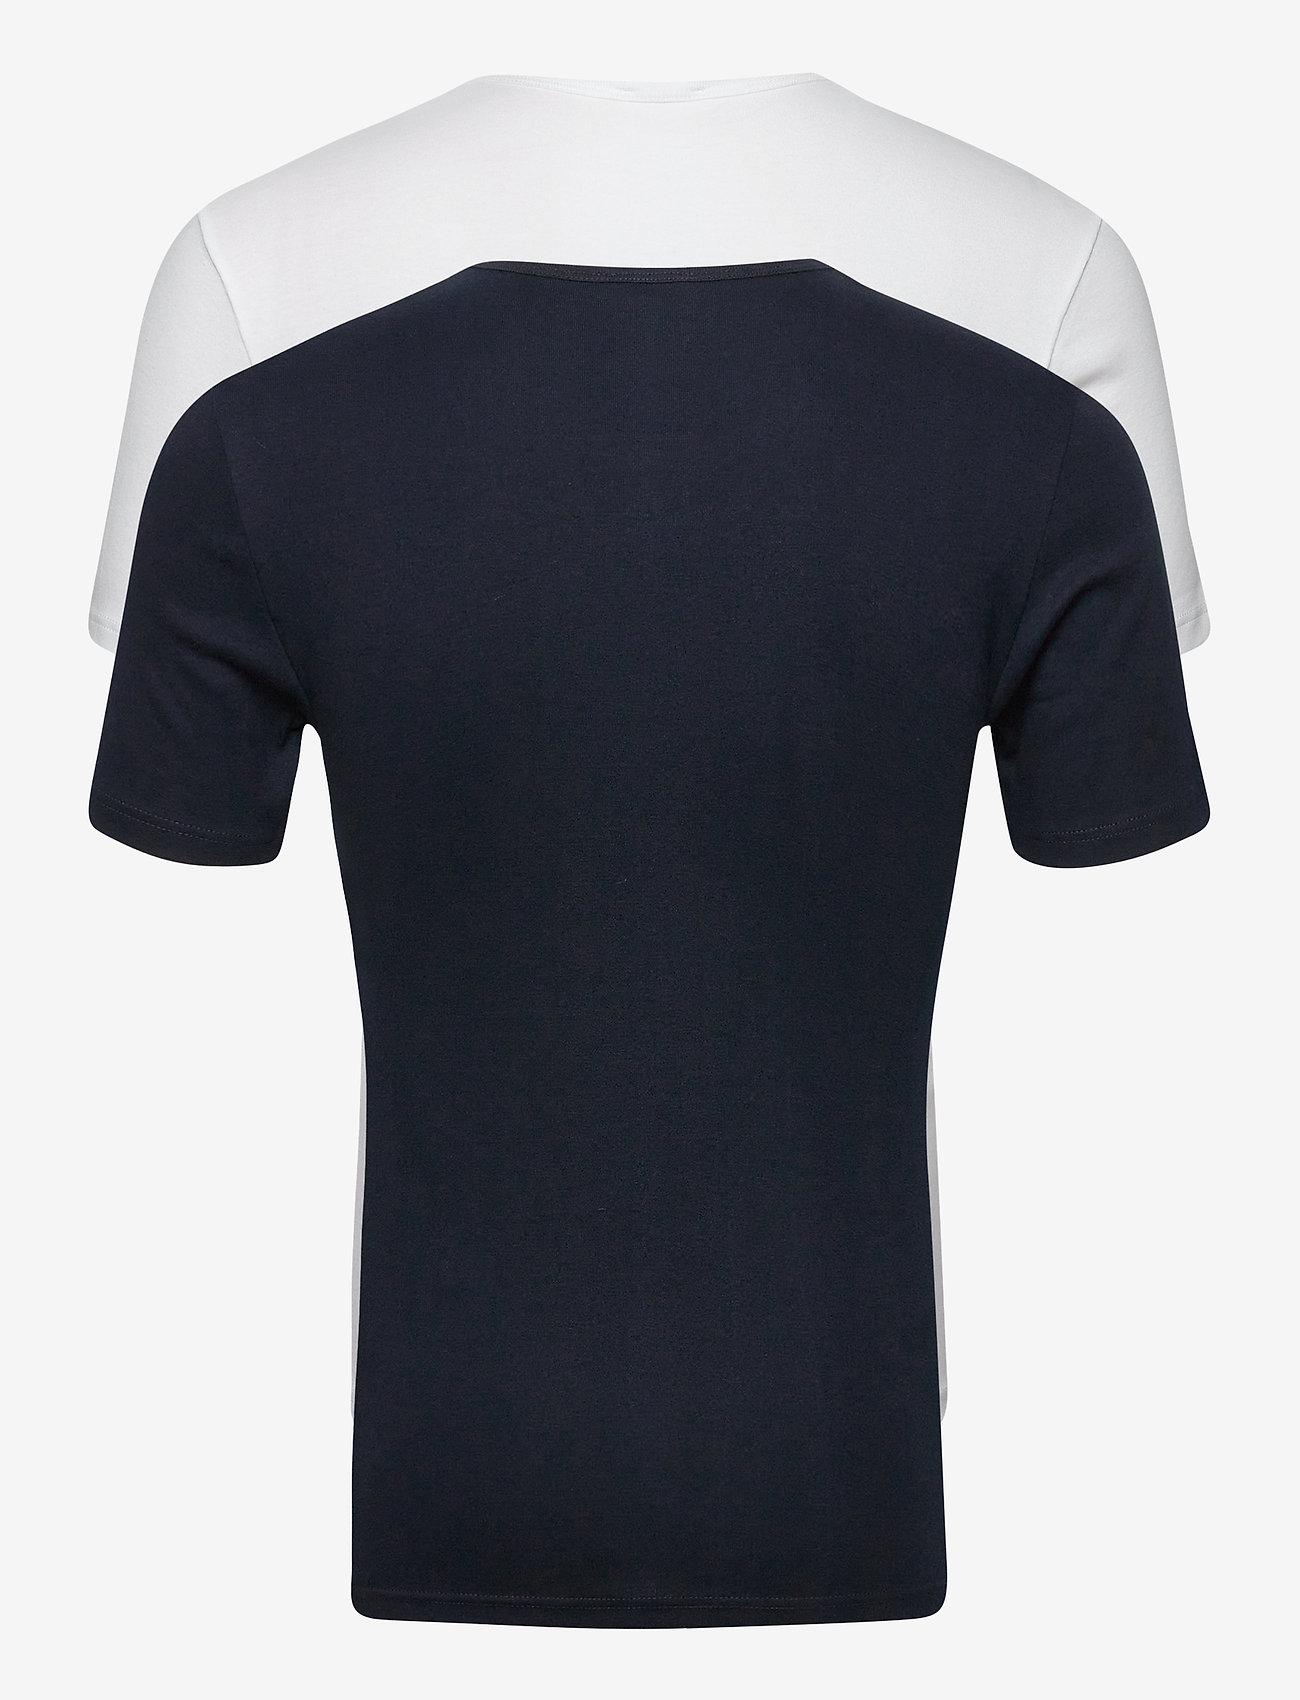 Armor Lux 2 Pack Round necked T-Shirt - T-skjorter WHITE/NAVY - Menn Klær